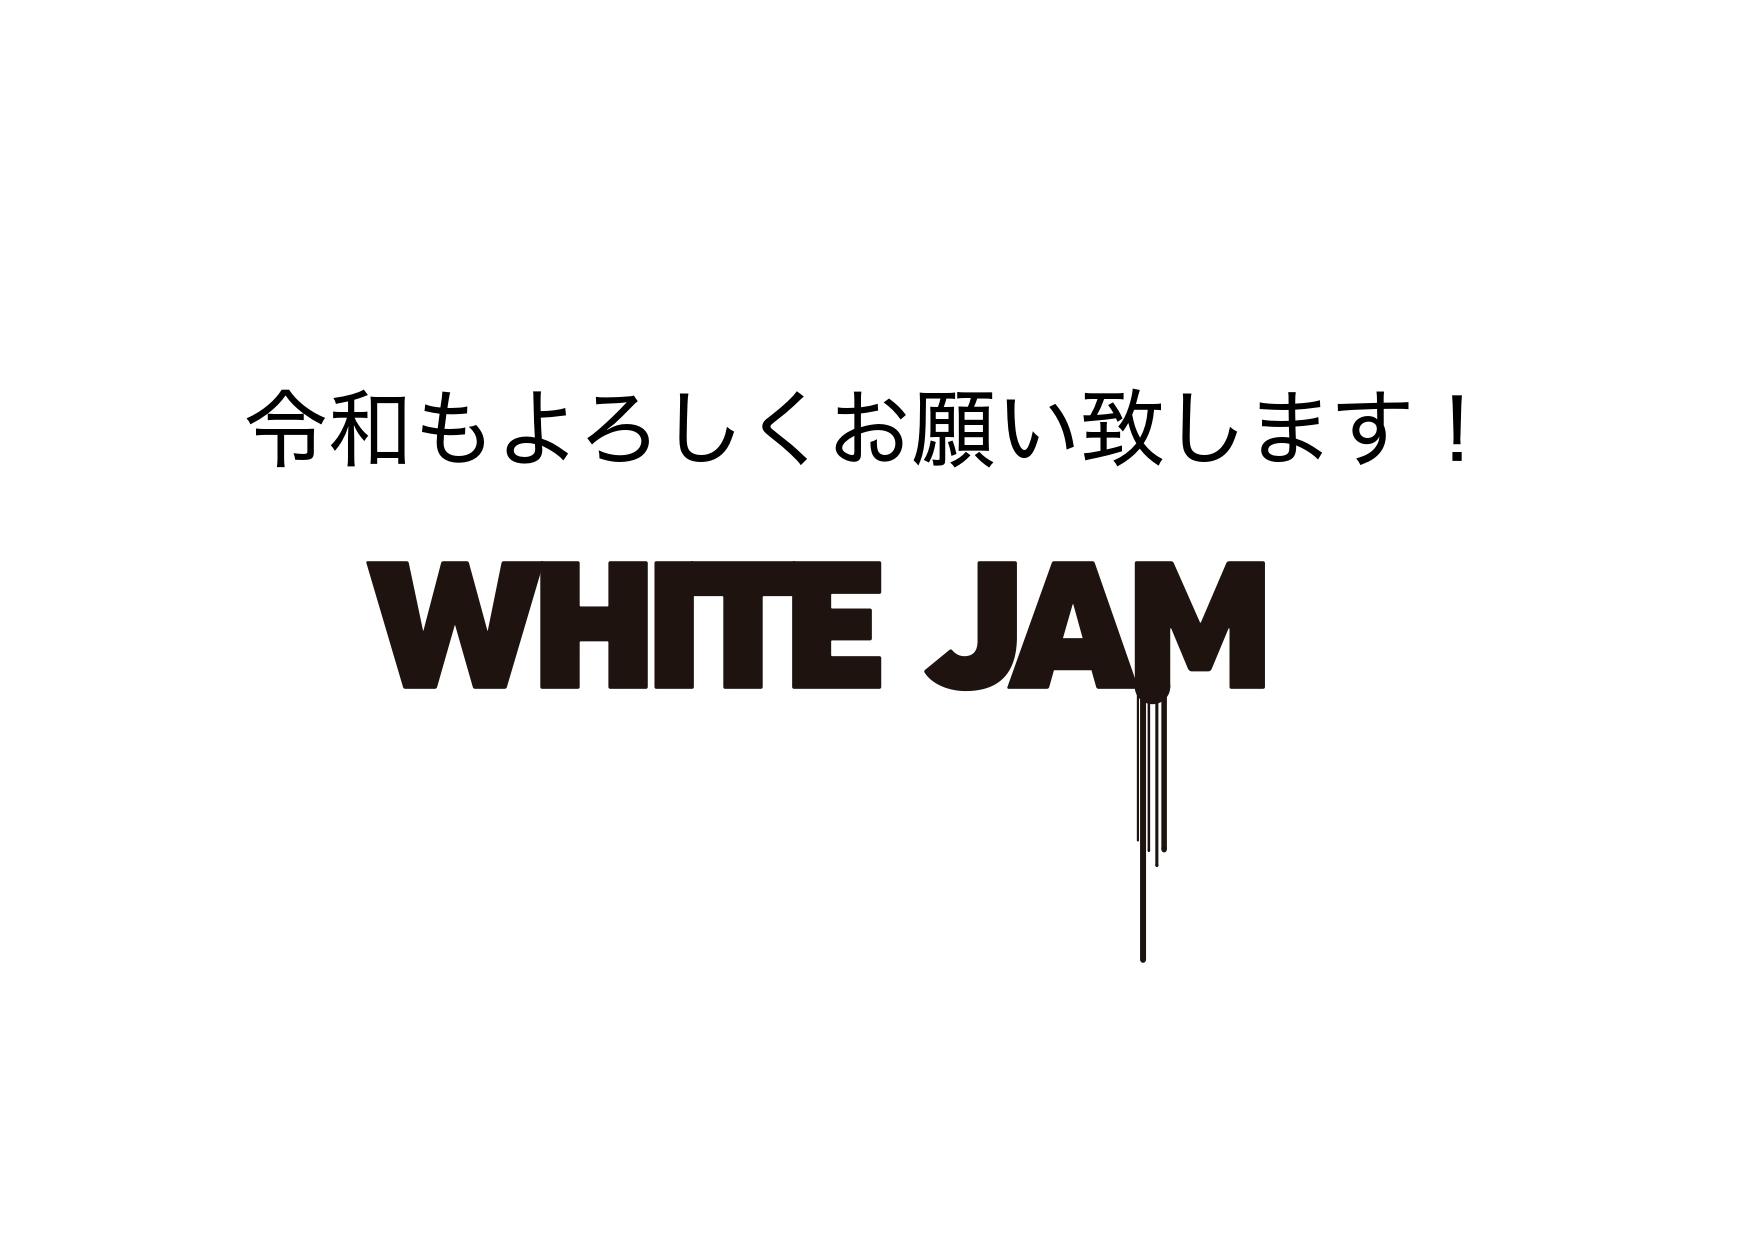 【第16回】2DAYS LIVE TOUR予習内容 class=